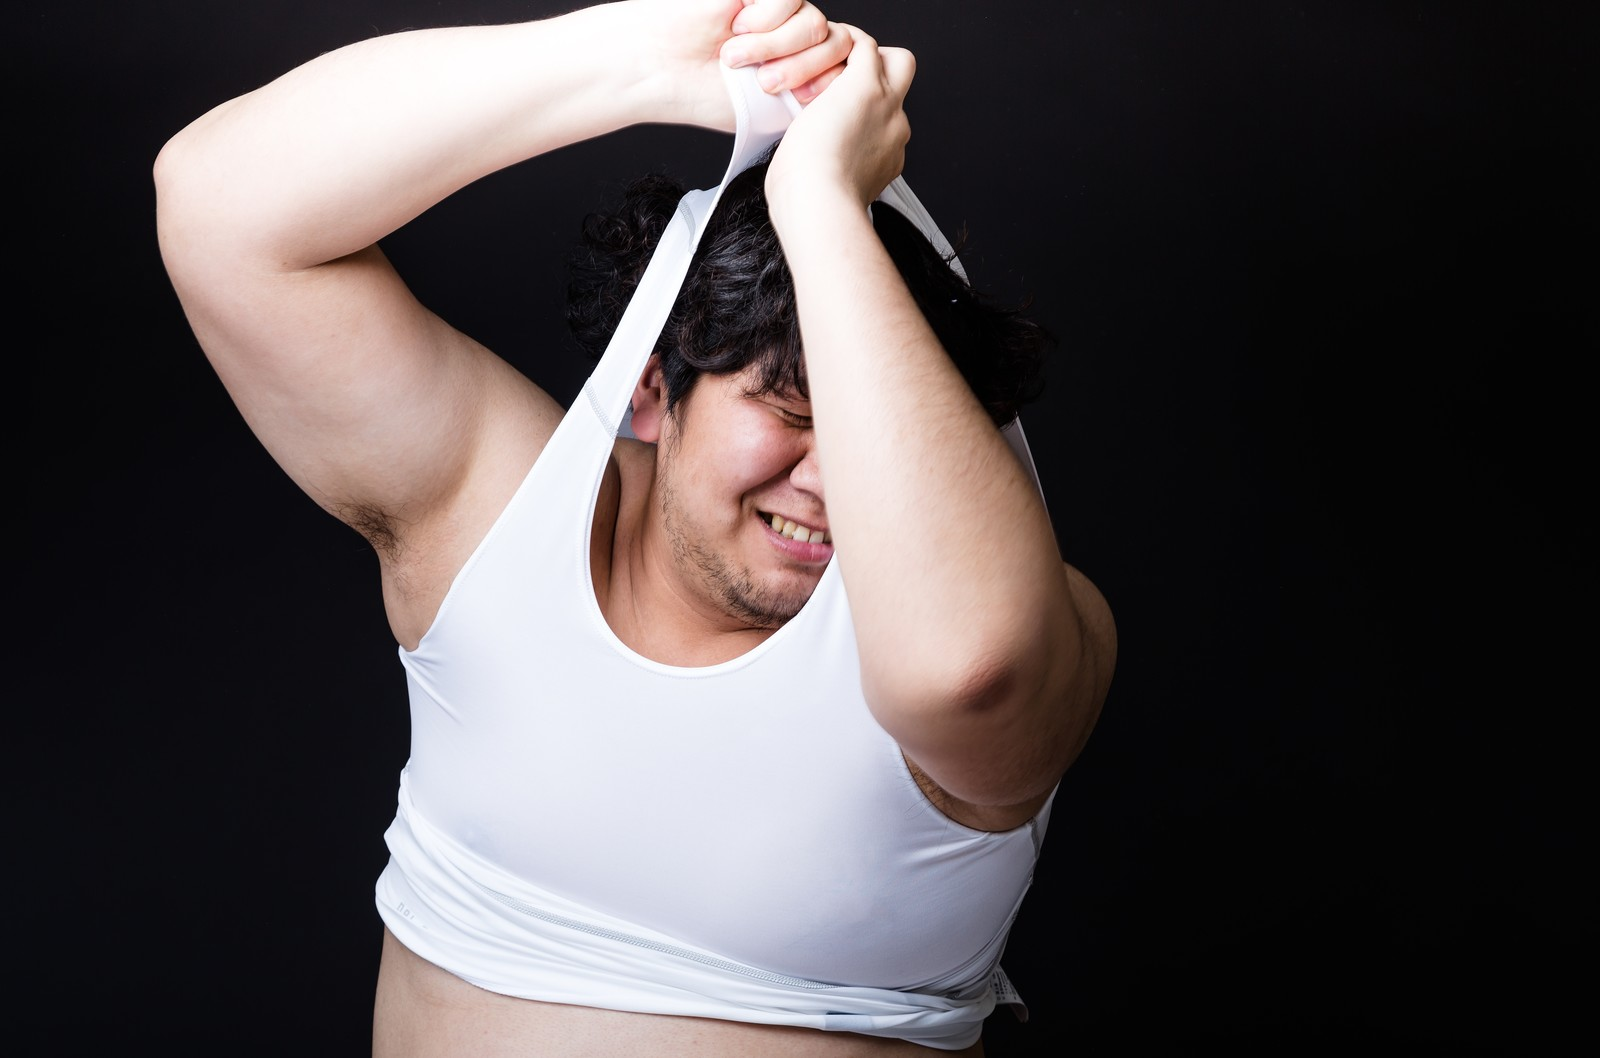 「タイトな女性用スポーツウェアに無理やりねじ込もうとする戦うバディ」の写真[モデル:朽木誠一郎]